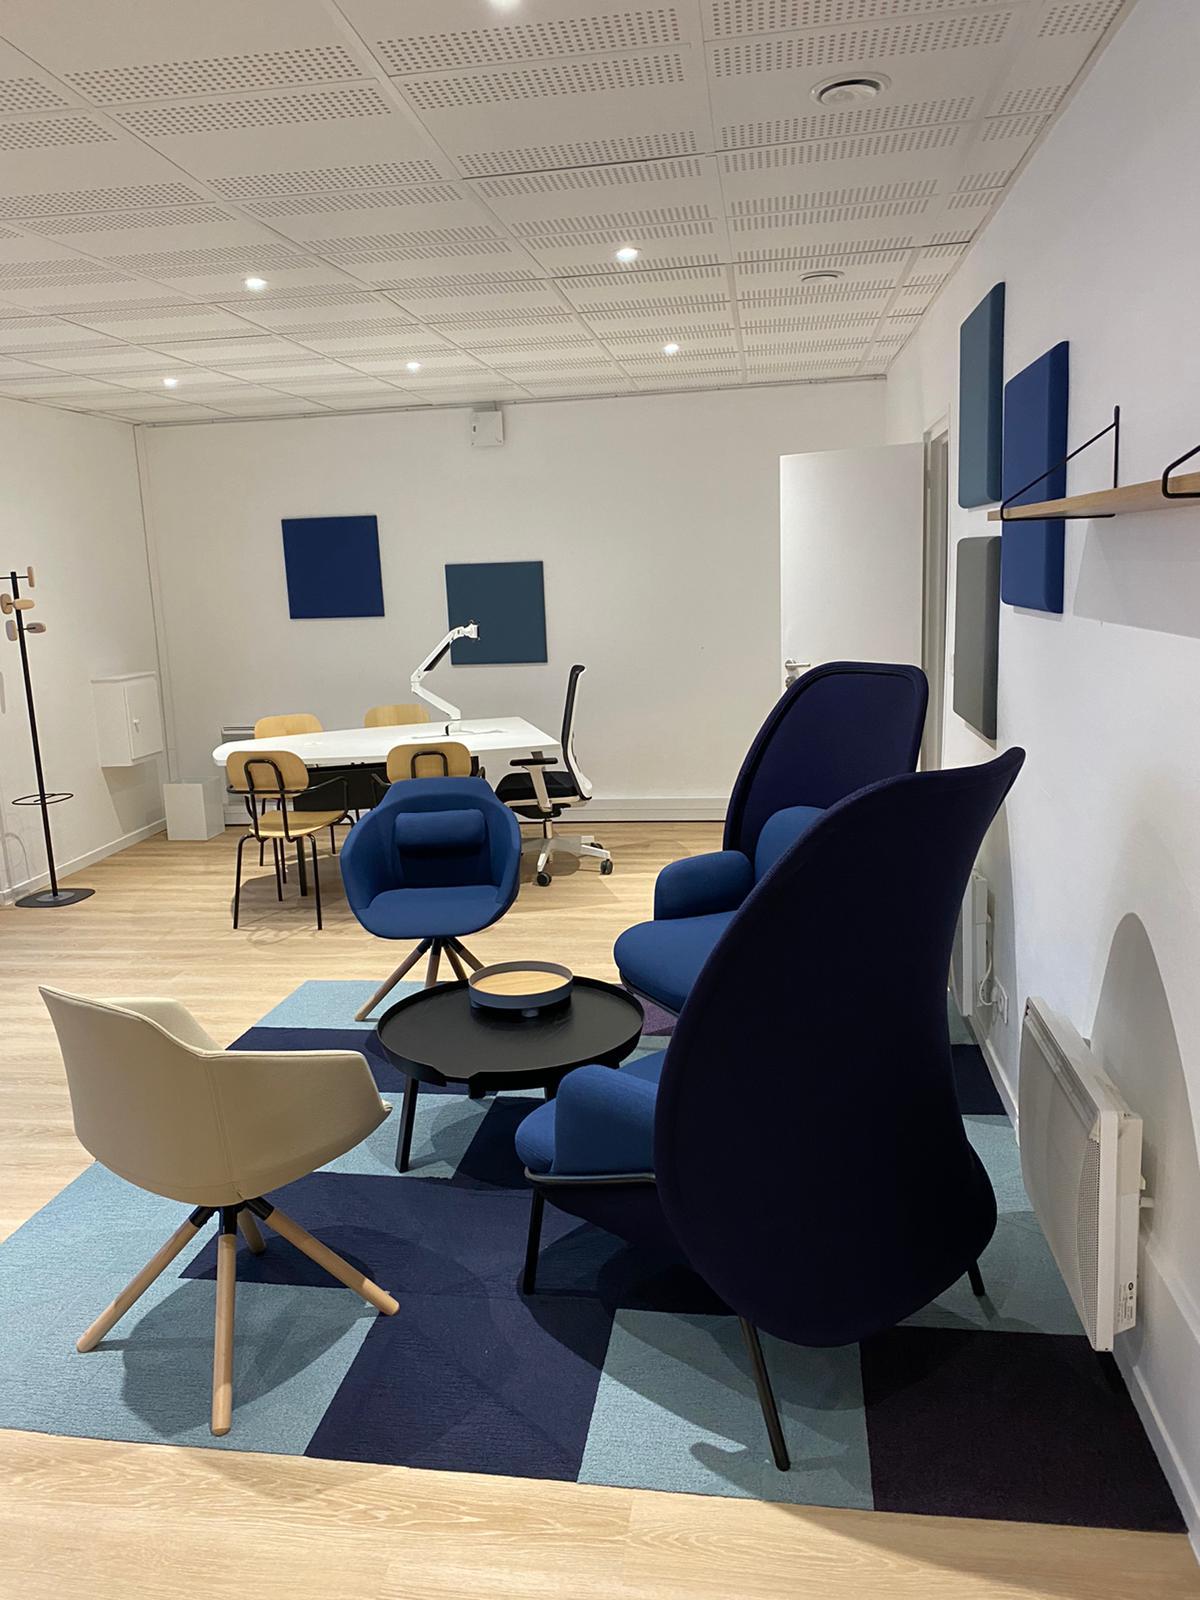 La France Mutualiste - Espace Détente Fauteuils Lounge Moquette acoustique